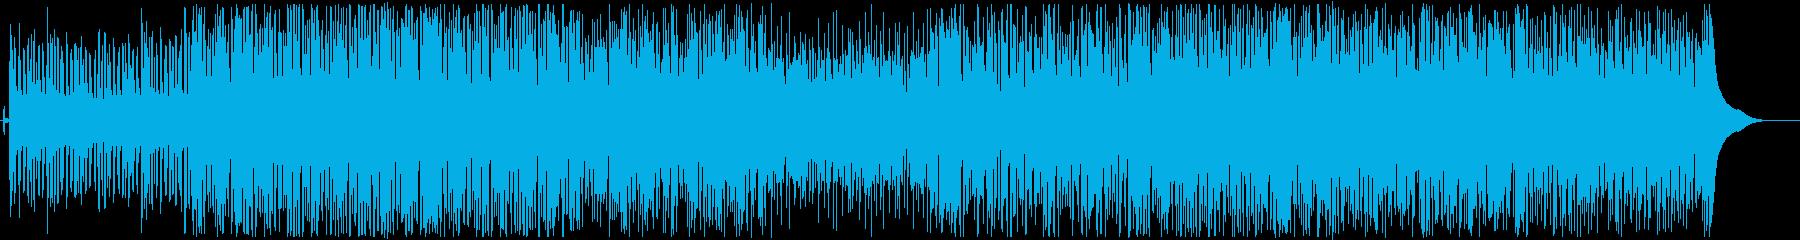 ハッピーな口笛アコースティックポップ♫の再生済みの波形